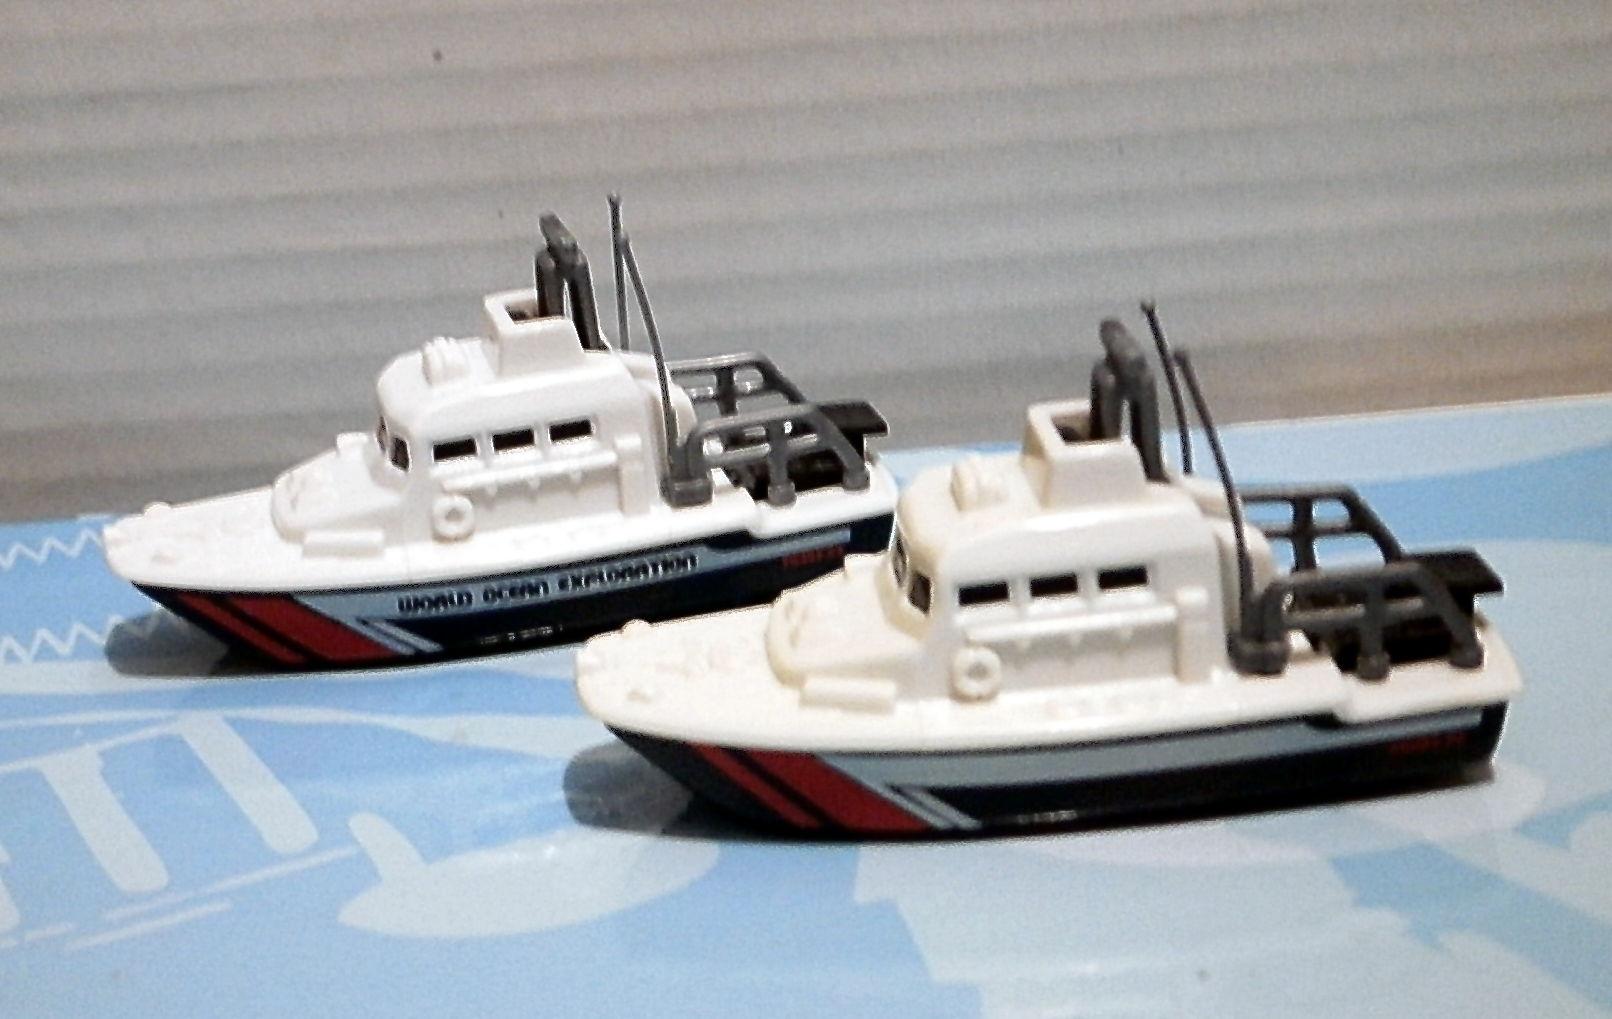 Sea Rescue Boat